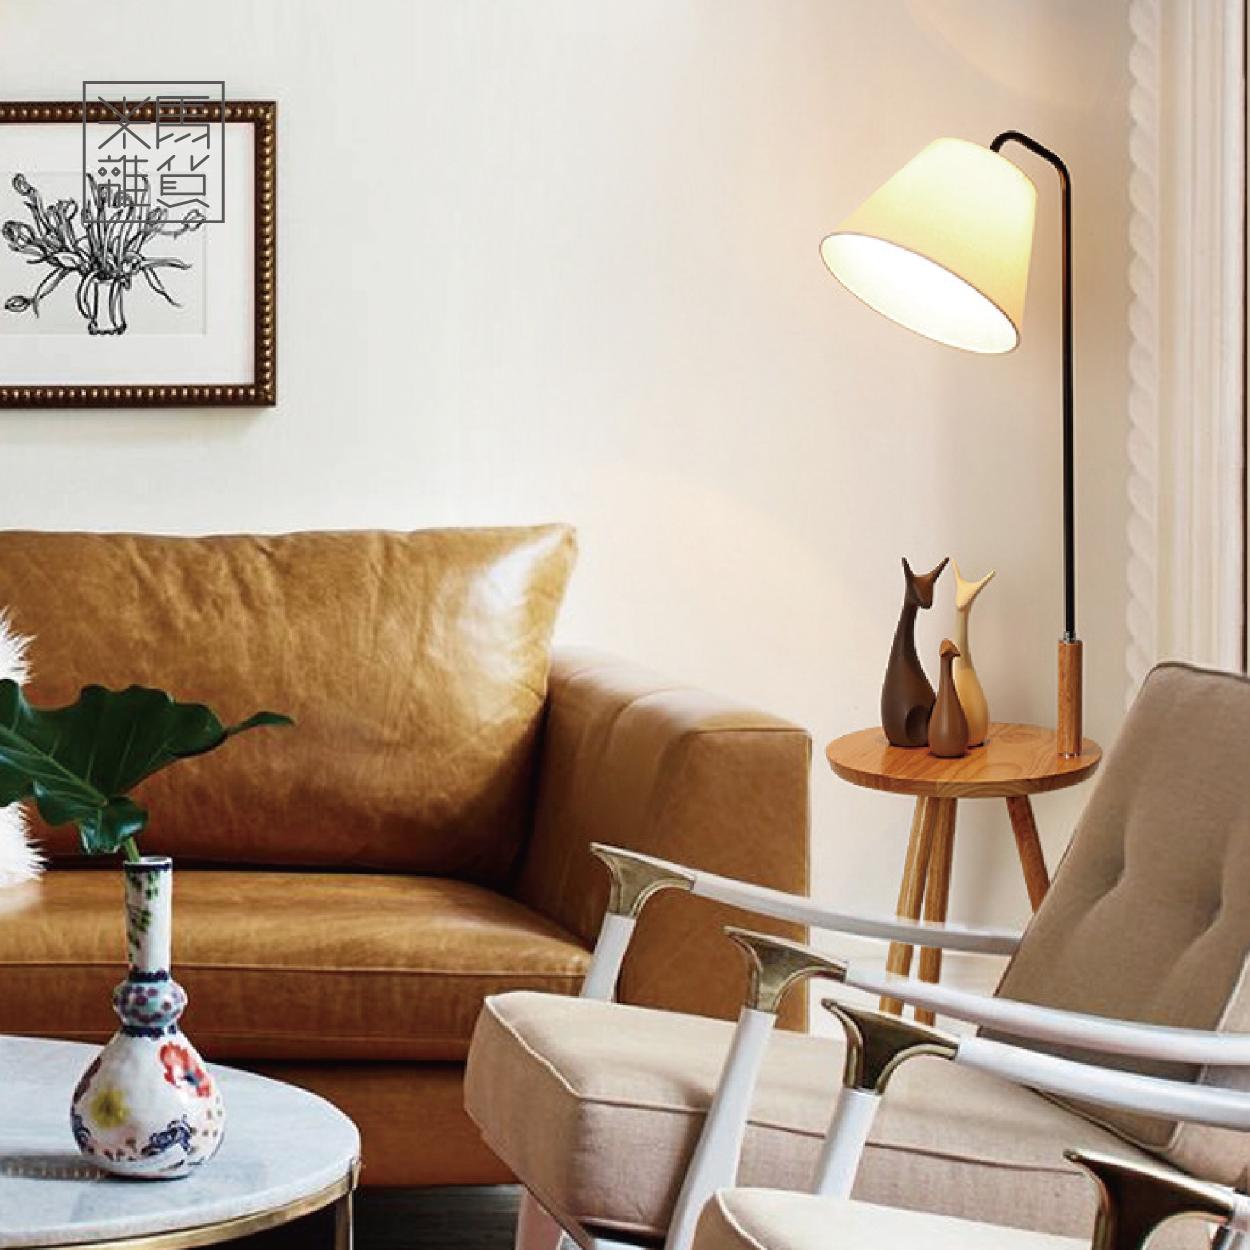 空间 阅读灯可以营造谈心 咖啡灯 落地灯 米马杂货工厂直发方便